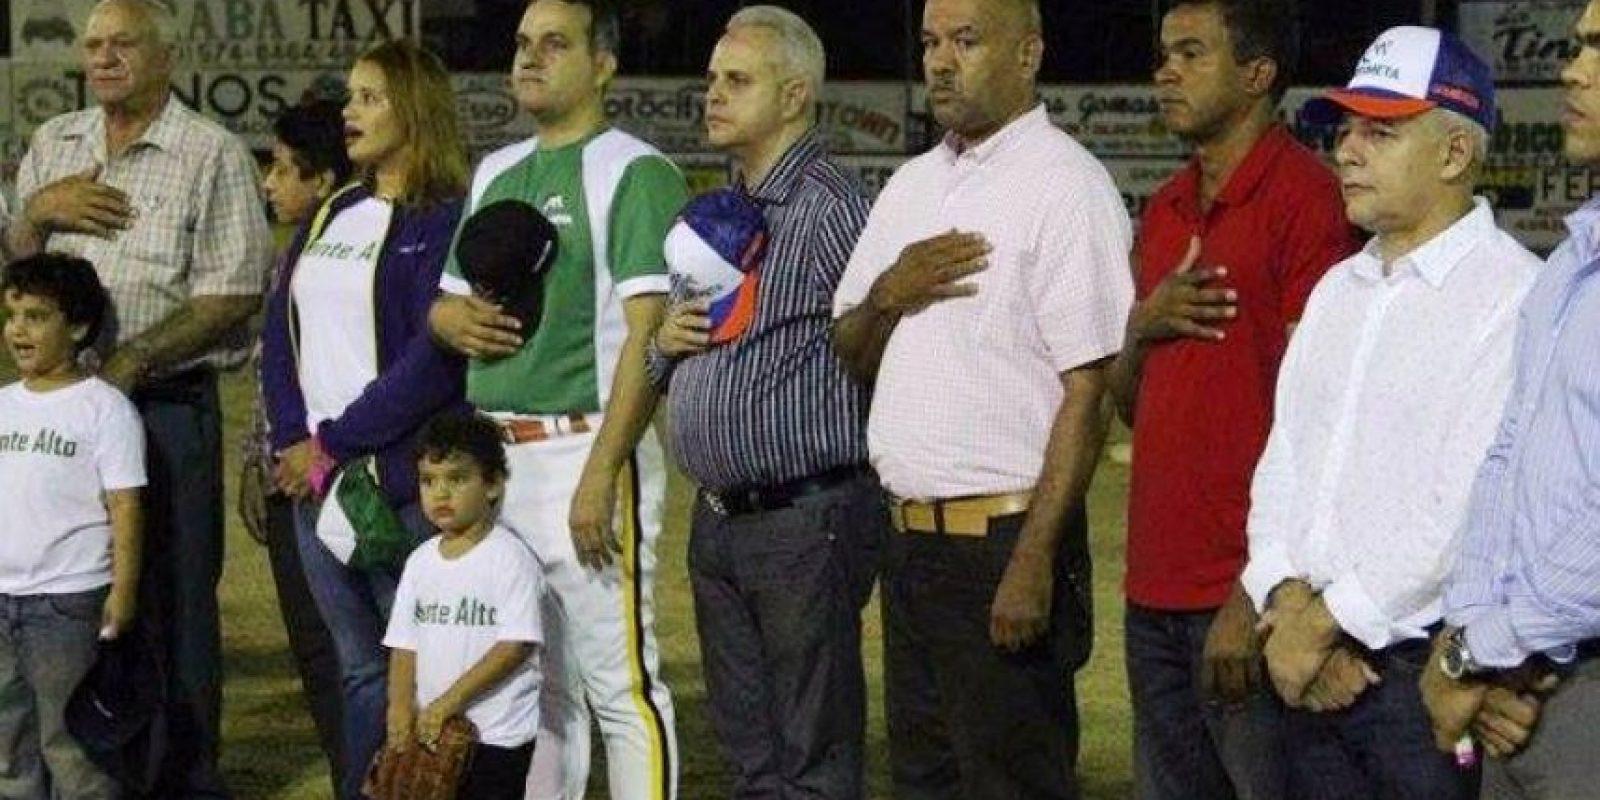 Momento del canto del Himno Nacional, encabezado por los hermanos Ramírez en Jarabacoa. Foto:Fuente externa